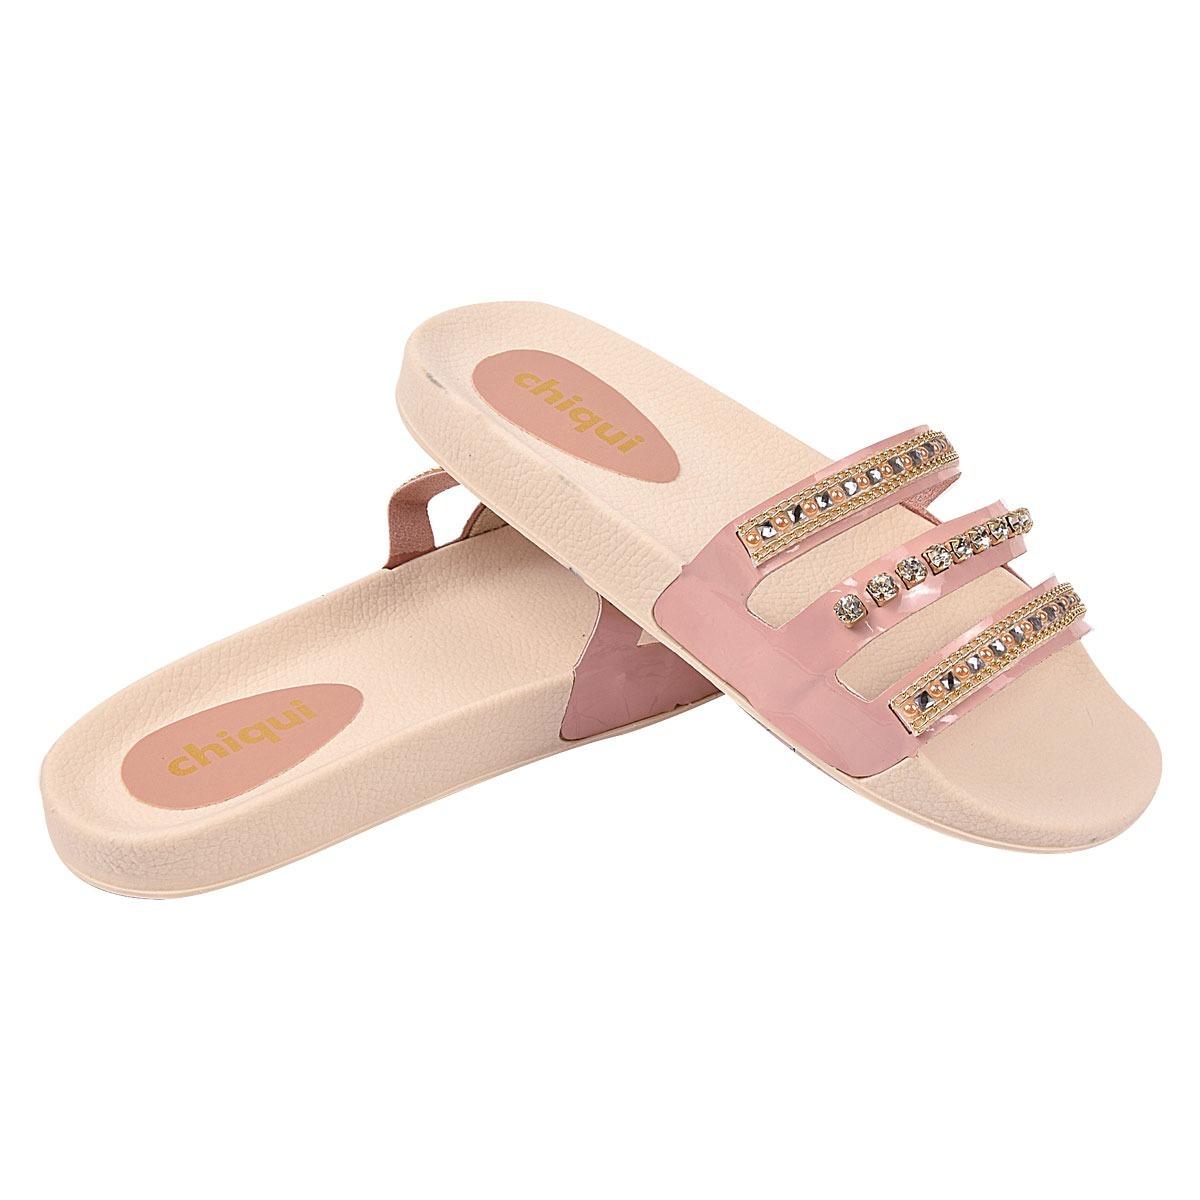 b8880ce530 chinelo slide sandalia feminina rasteira rasteirinha 2019 c3. Carregando  zoom.